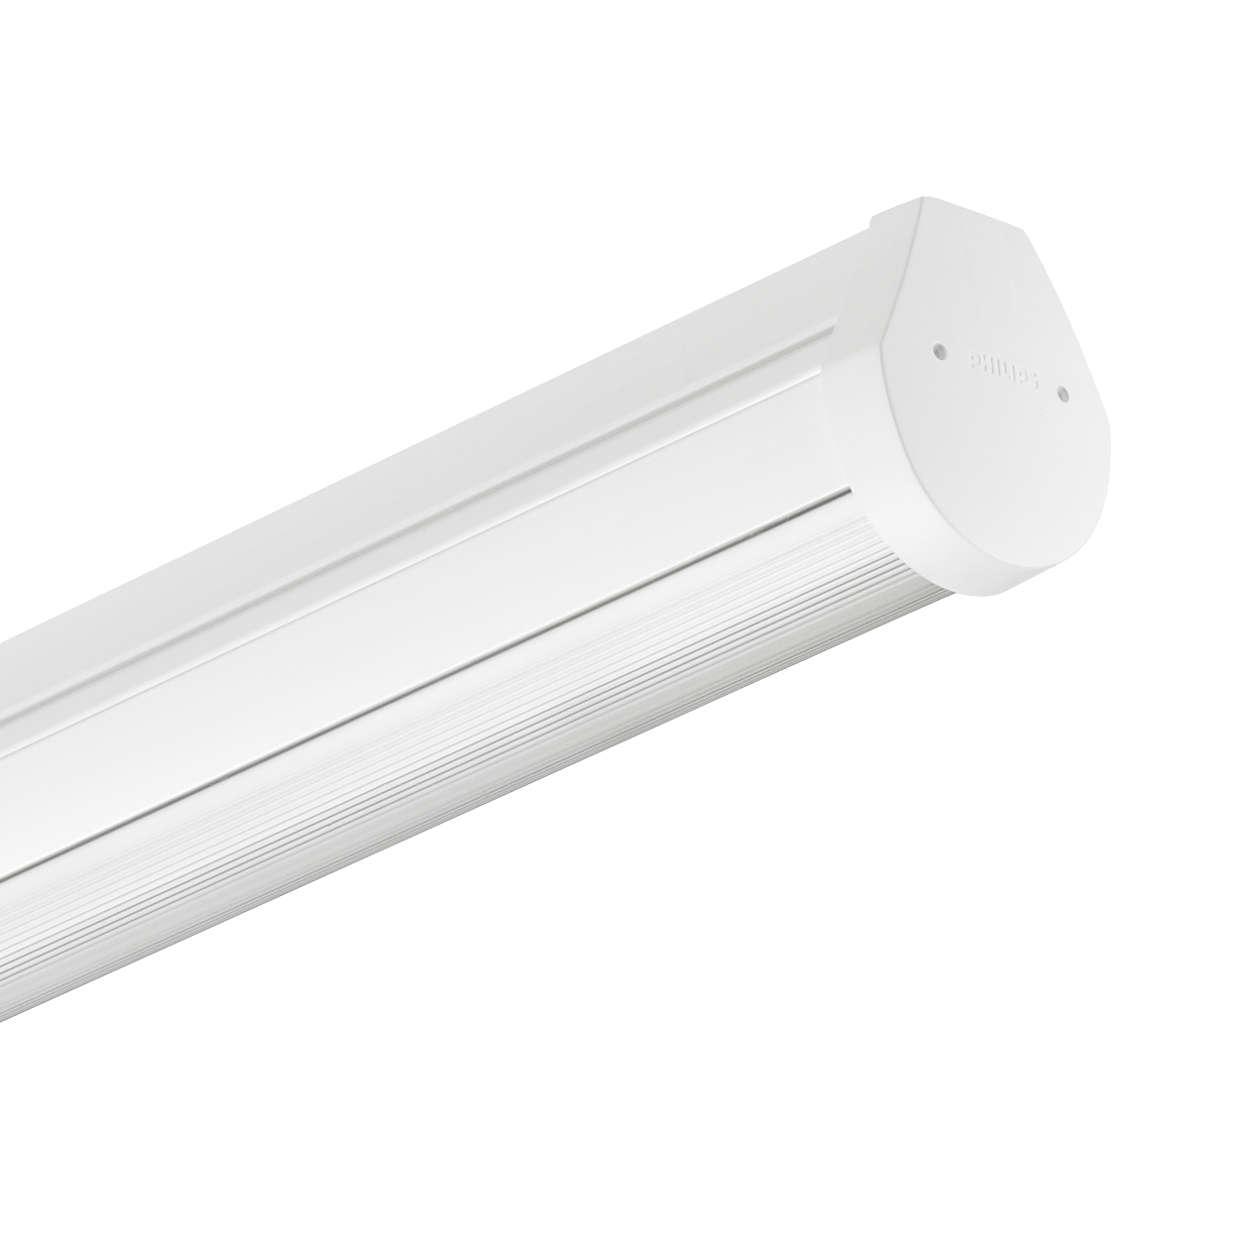 Maxos LED Performer – efficiënte en nauwkeurige lijnverlichting